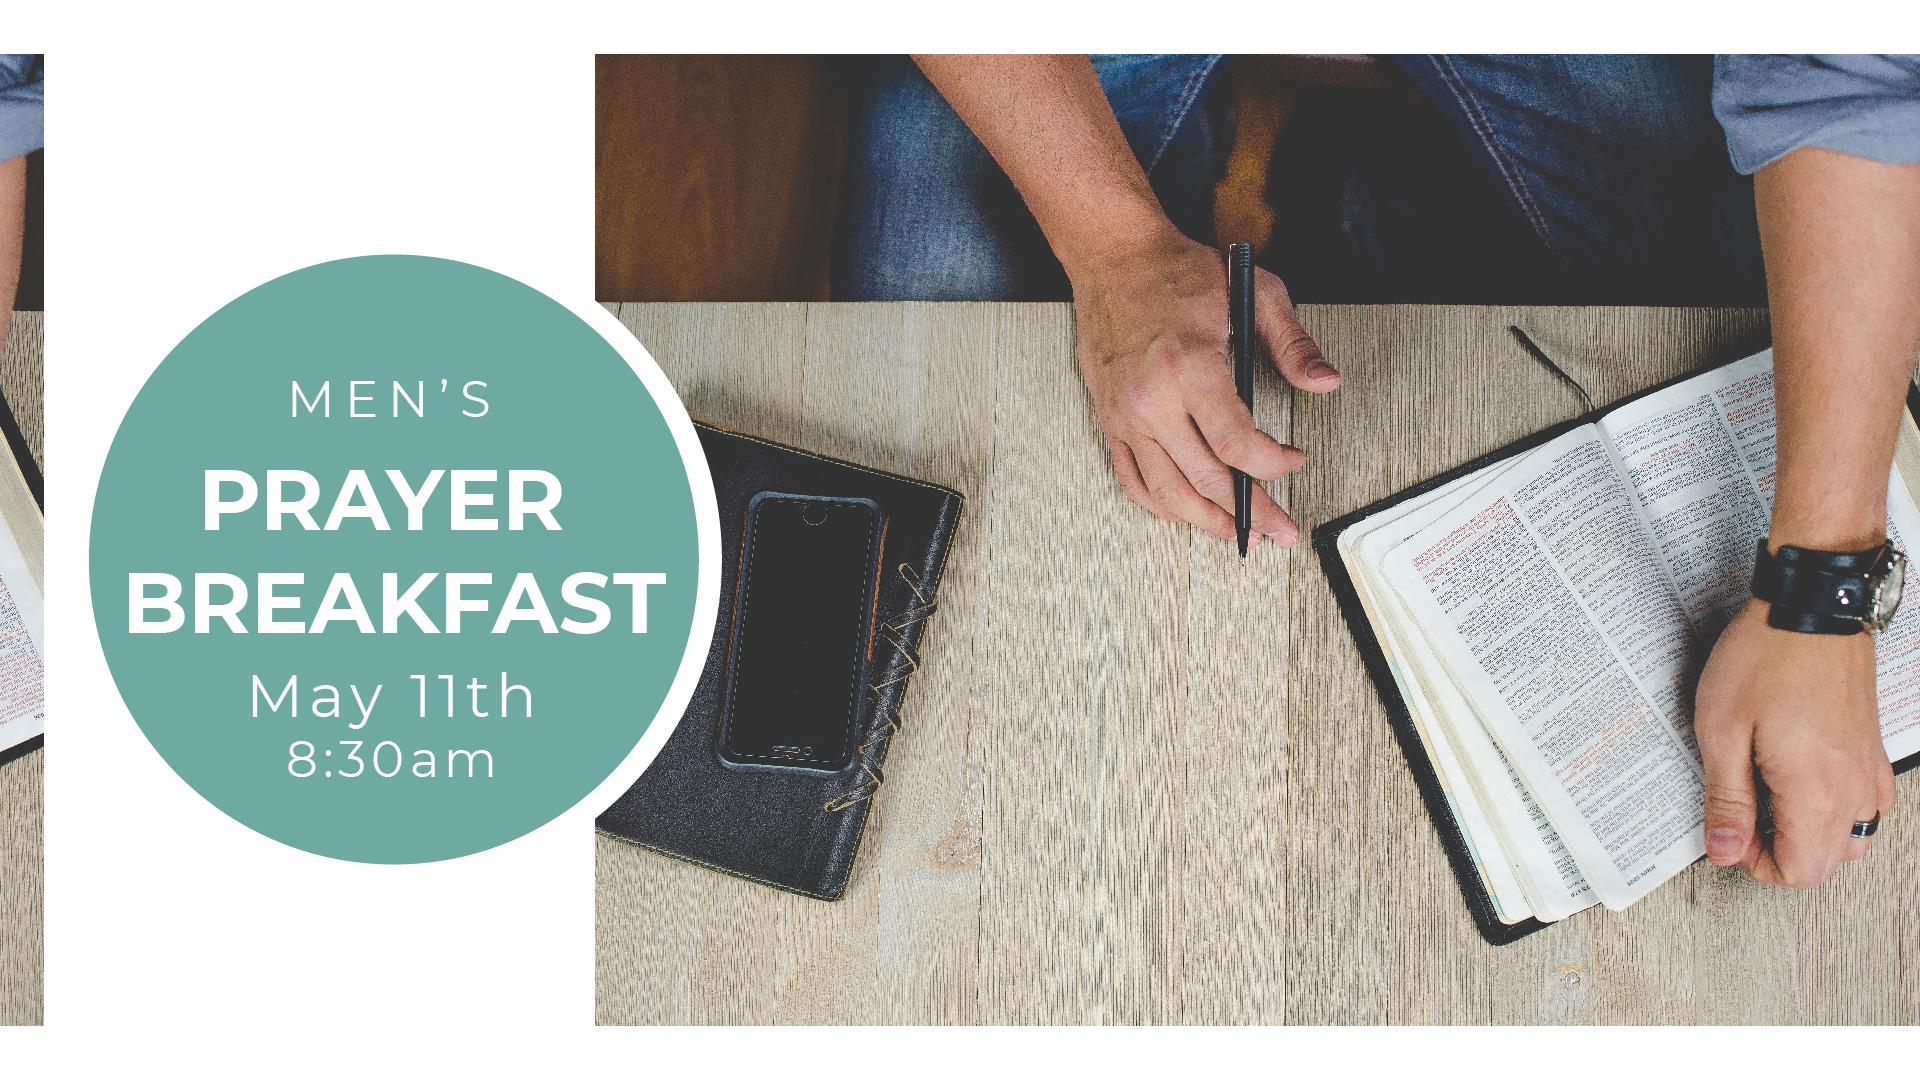 Men's Prayer Breakfast 5-11-19.jpg